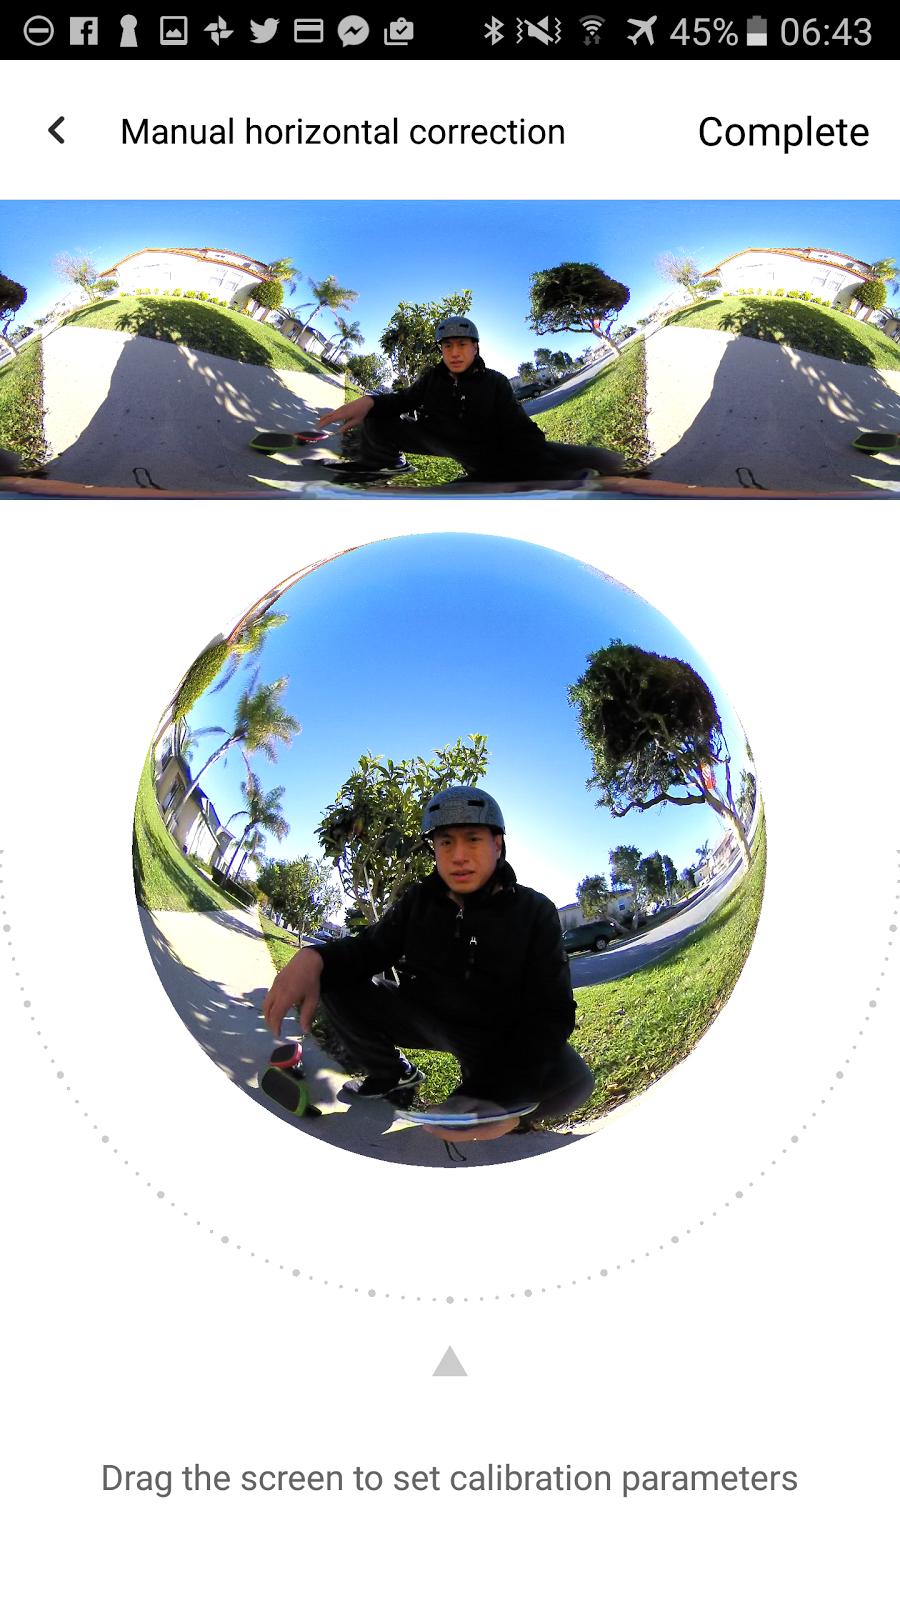 TECHNIQUE: apply horizon correction to Insta360 Nano photos and